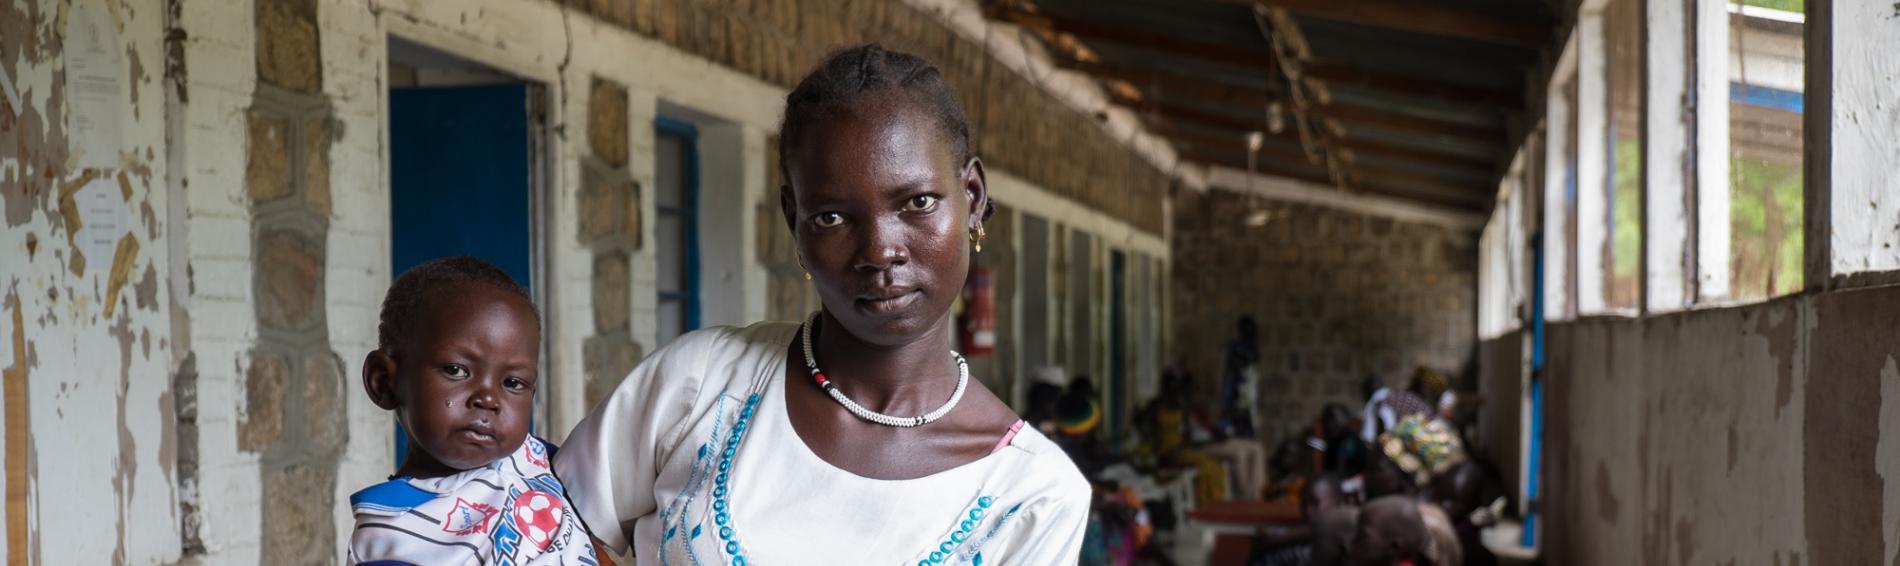 Ein Schwerpunkt von Ärzte der Welt liegt auf Angeboten zur Mutter-Kind-Gesundheit. Foto: Bruno Abarca